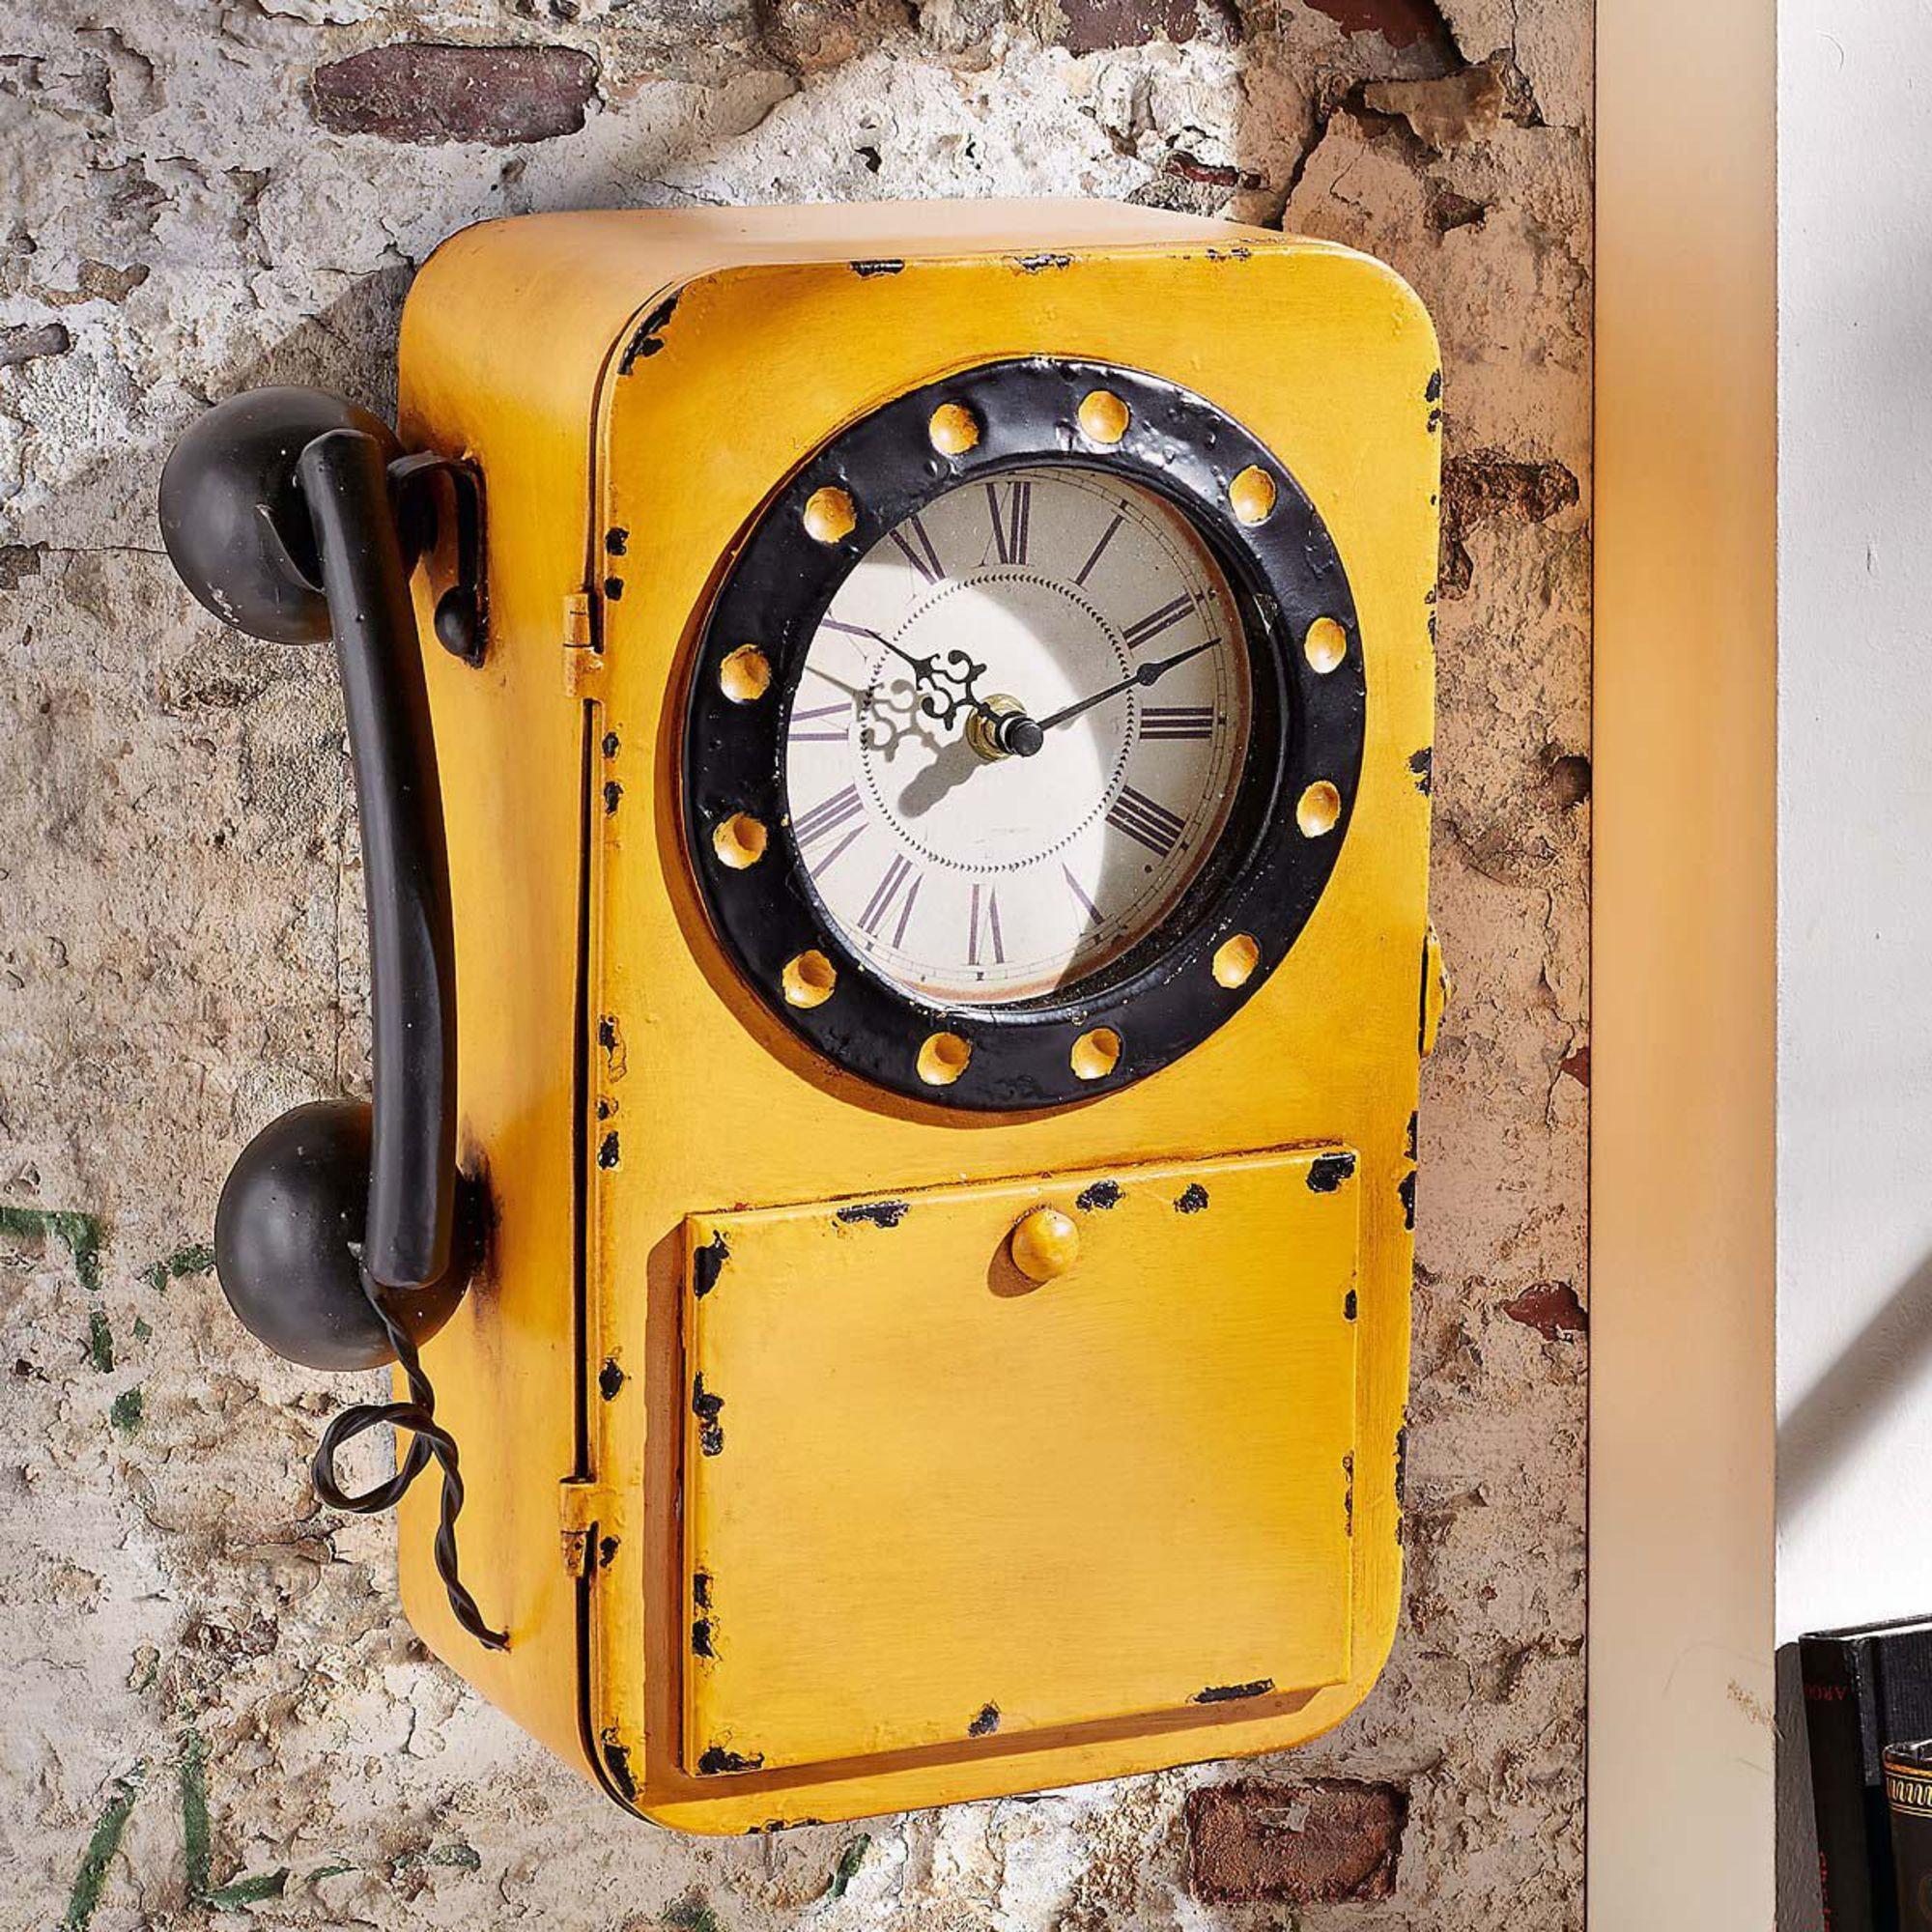 metall wanduhr telefon schl sselkasten antik uhr posttelefon wandtelefon antik ebay. Black Bedroom Furniture Sets. Home Design Ideas